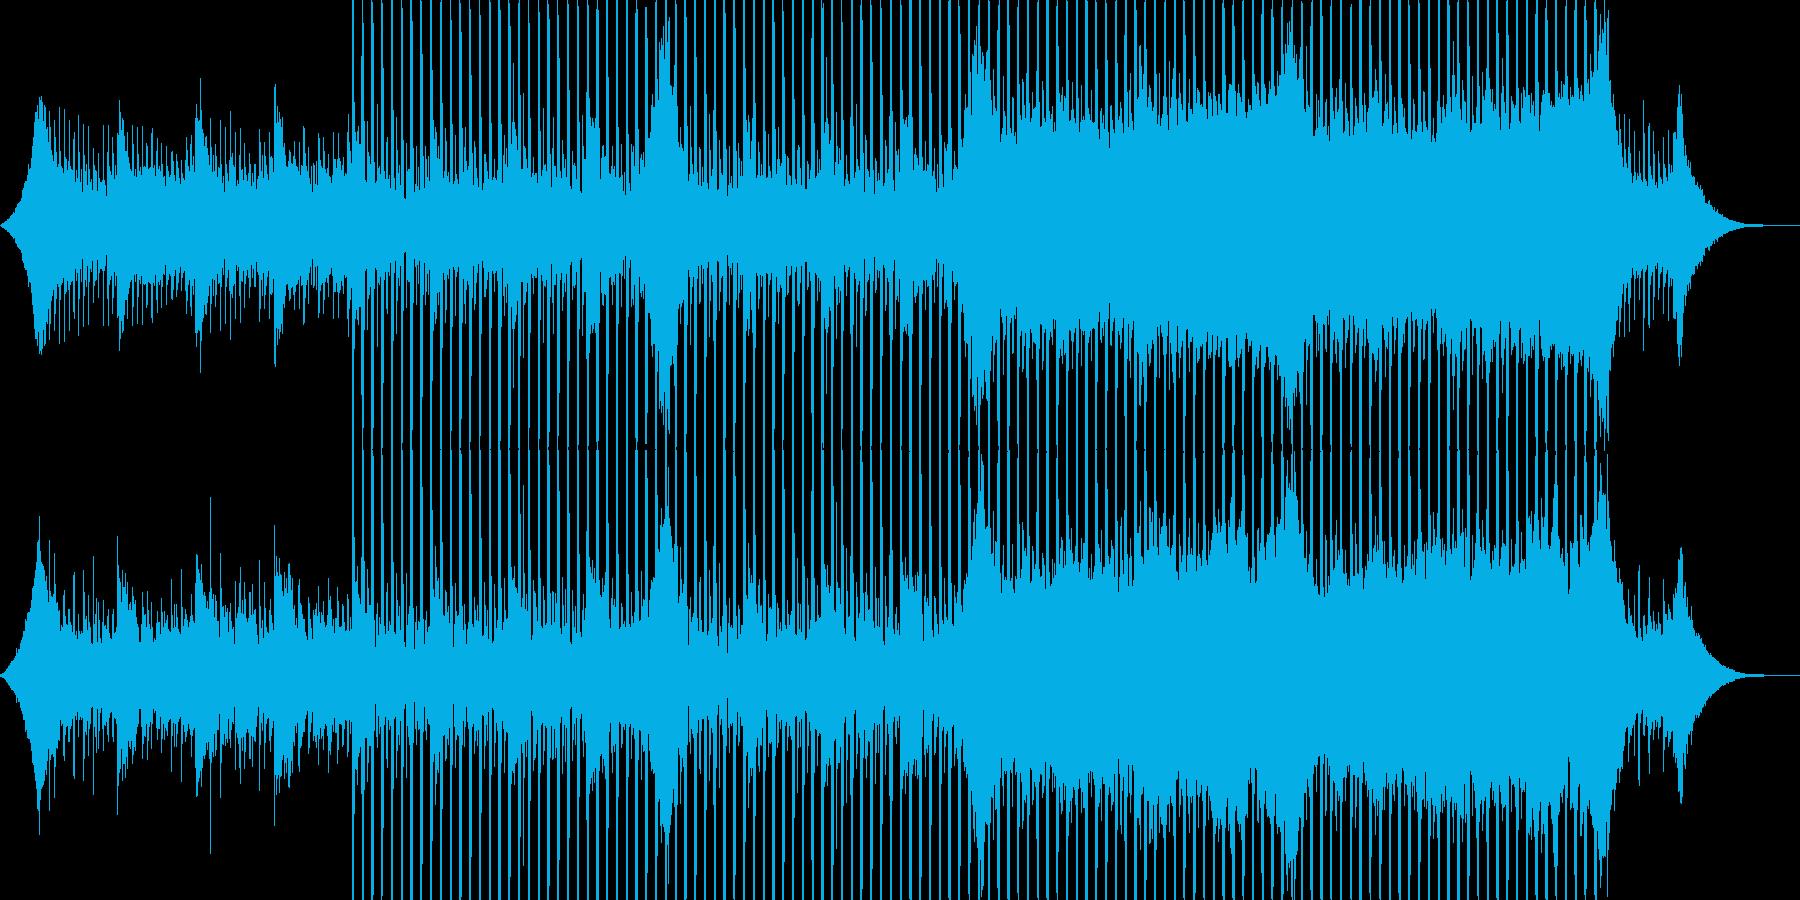 企業VP系23、爽やかギター4つ打ち2bの再生済みの波形